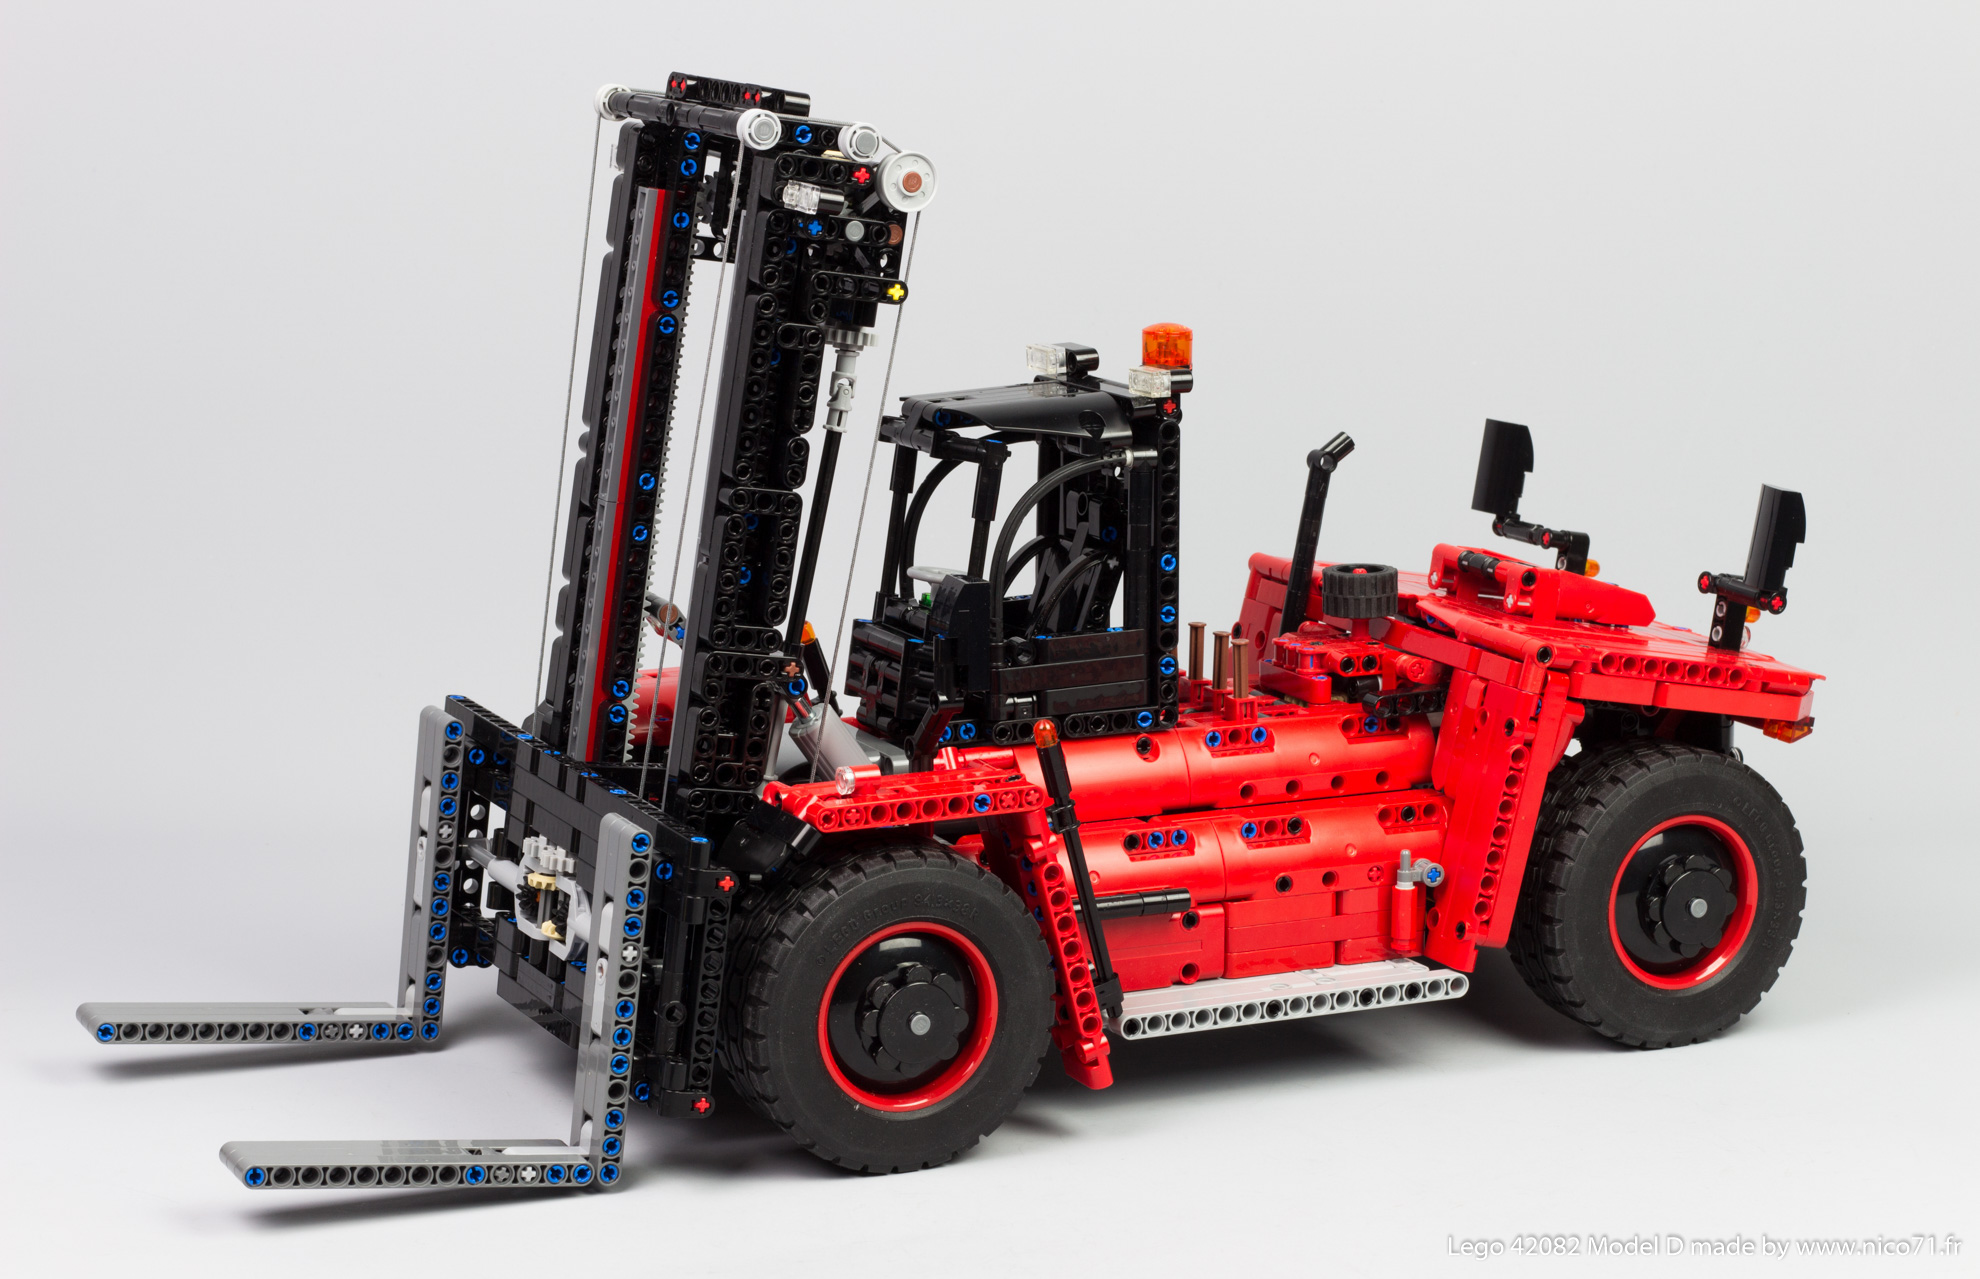 Lego-42082-Model-D-Heavy-Forklift-1